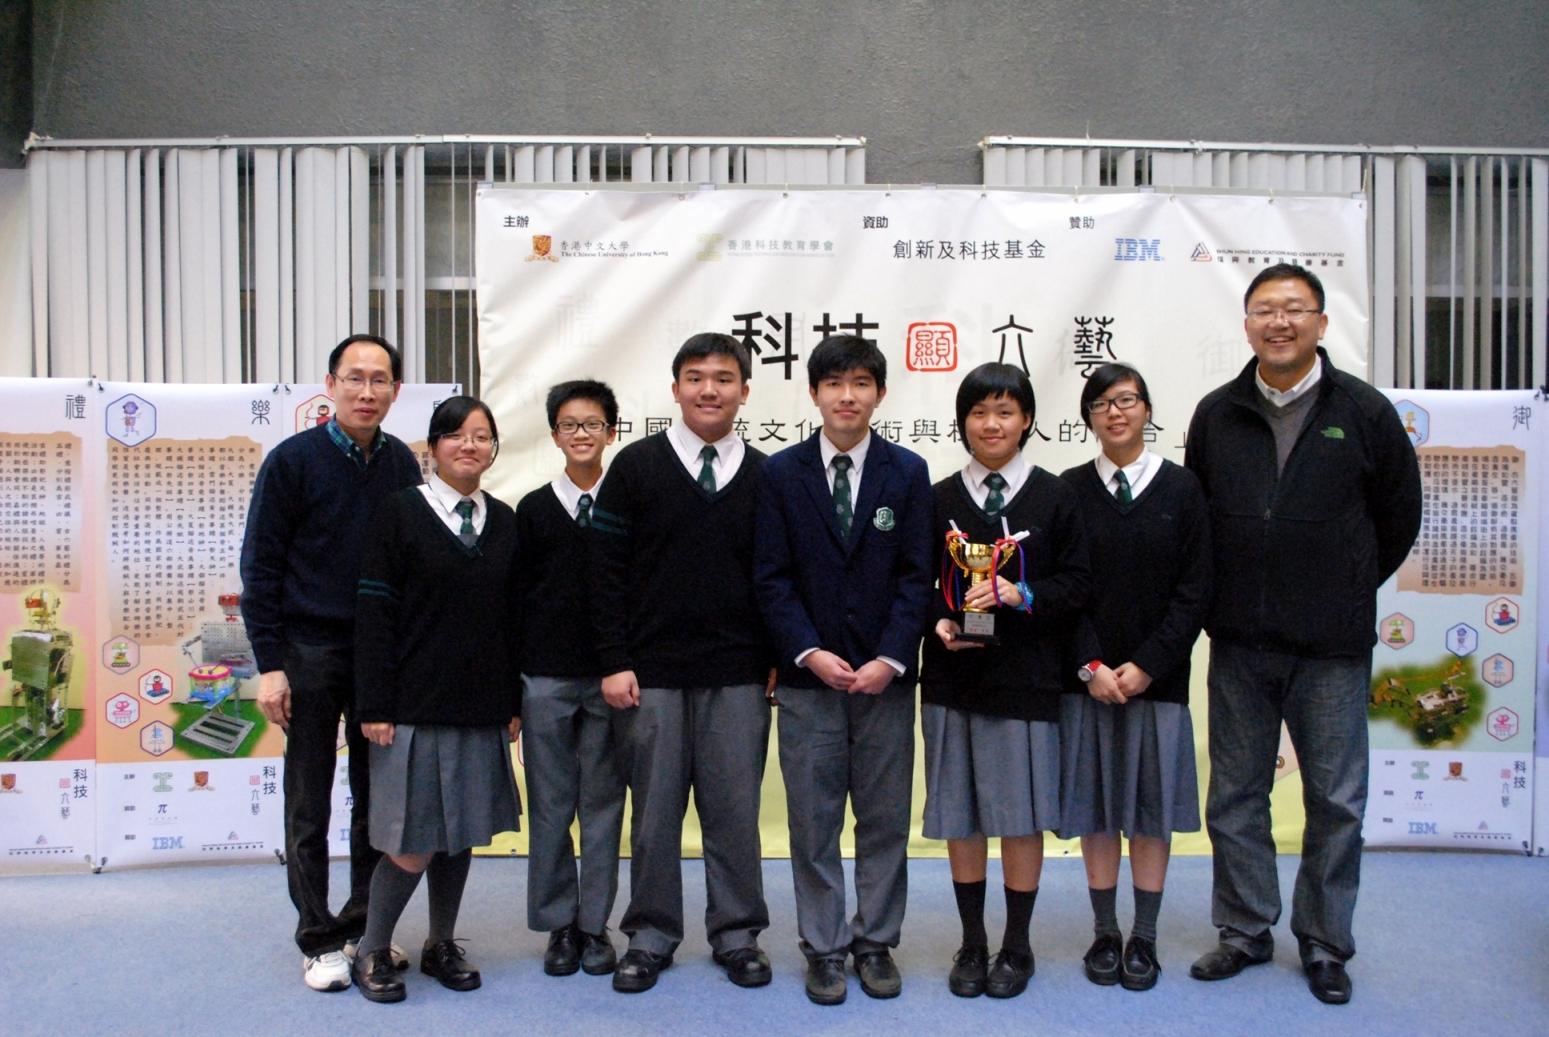 「科技顯六藝」機械人創意比賽「禮」藝組一等獎得主 - 張沛松紀念中學,手持獎杯者為林泳珊同學。